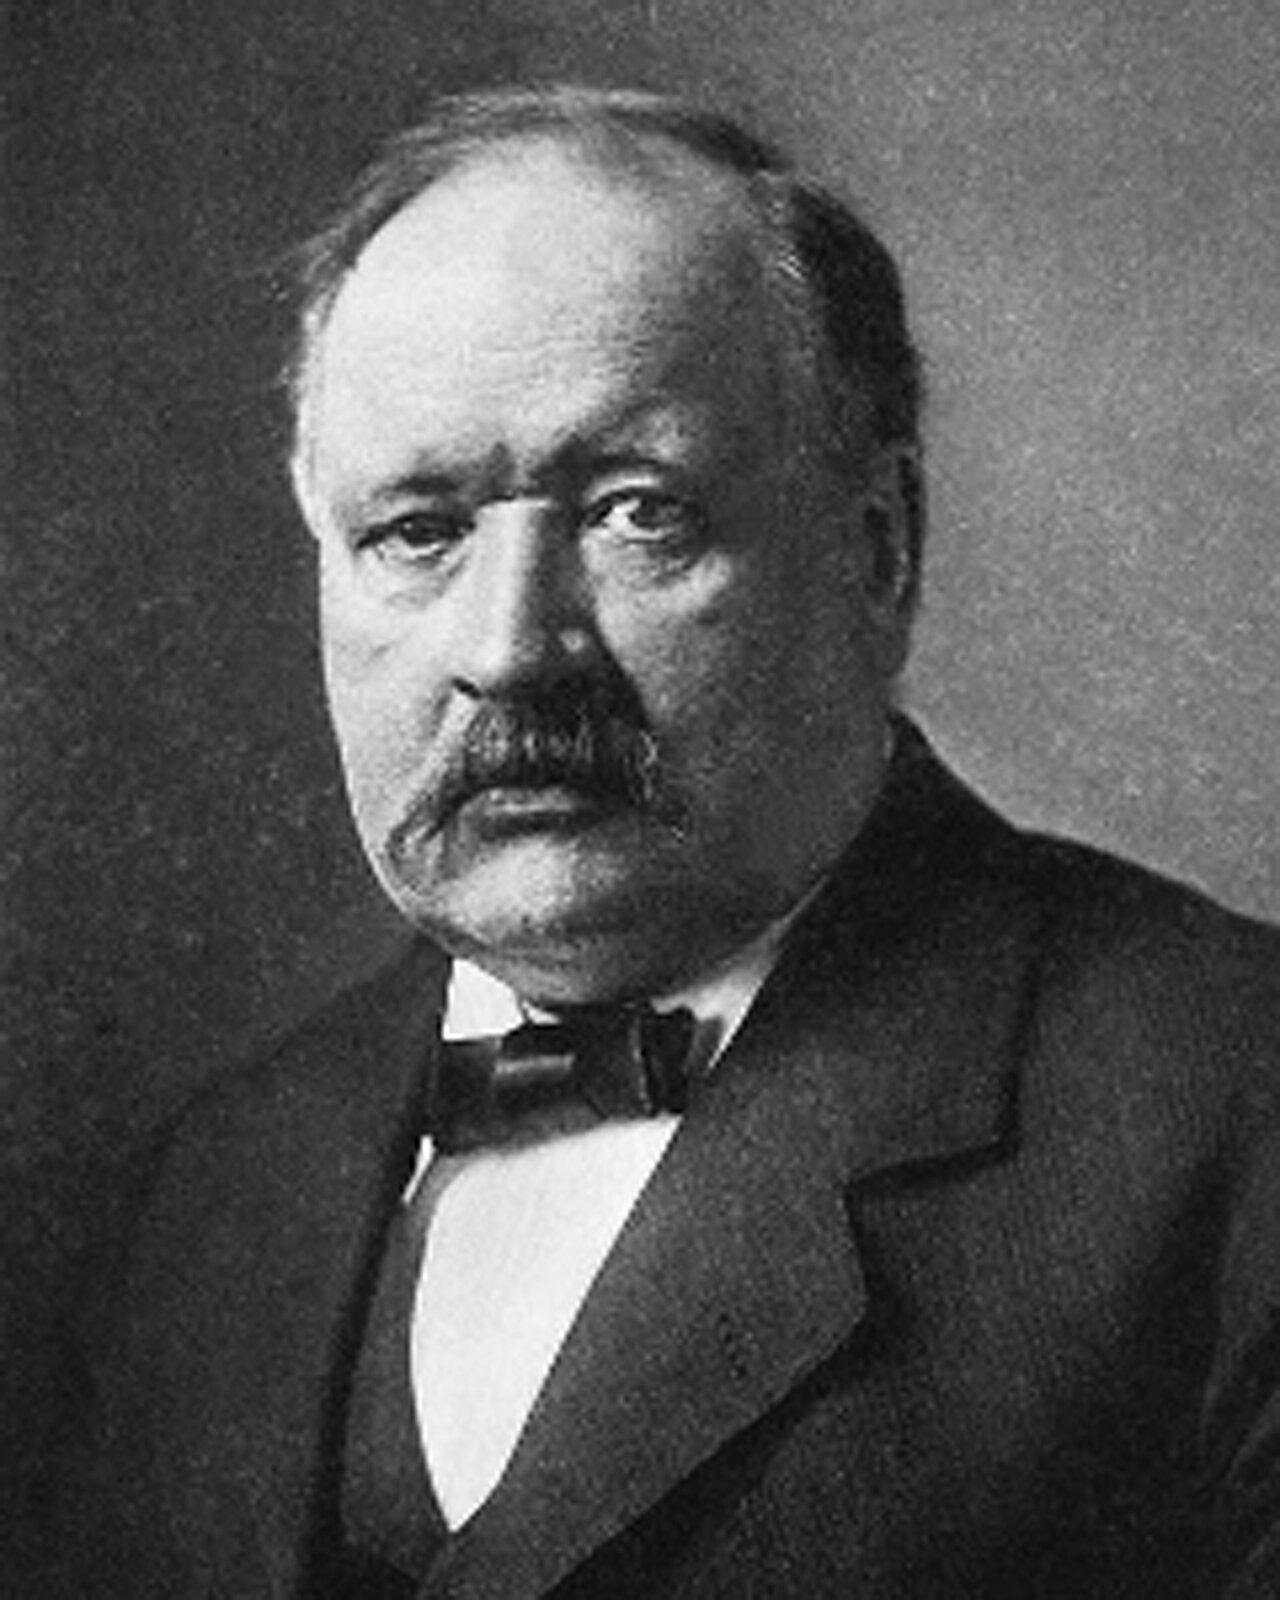 Czarnobiała fotografia szwedzkiego uczonego Svante'a Arrheniusa.